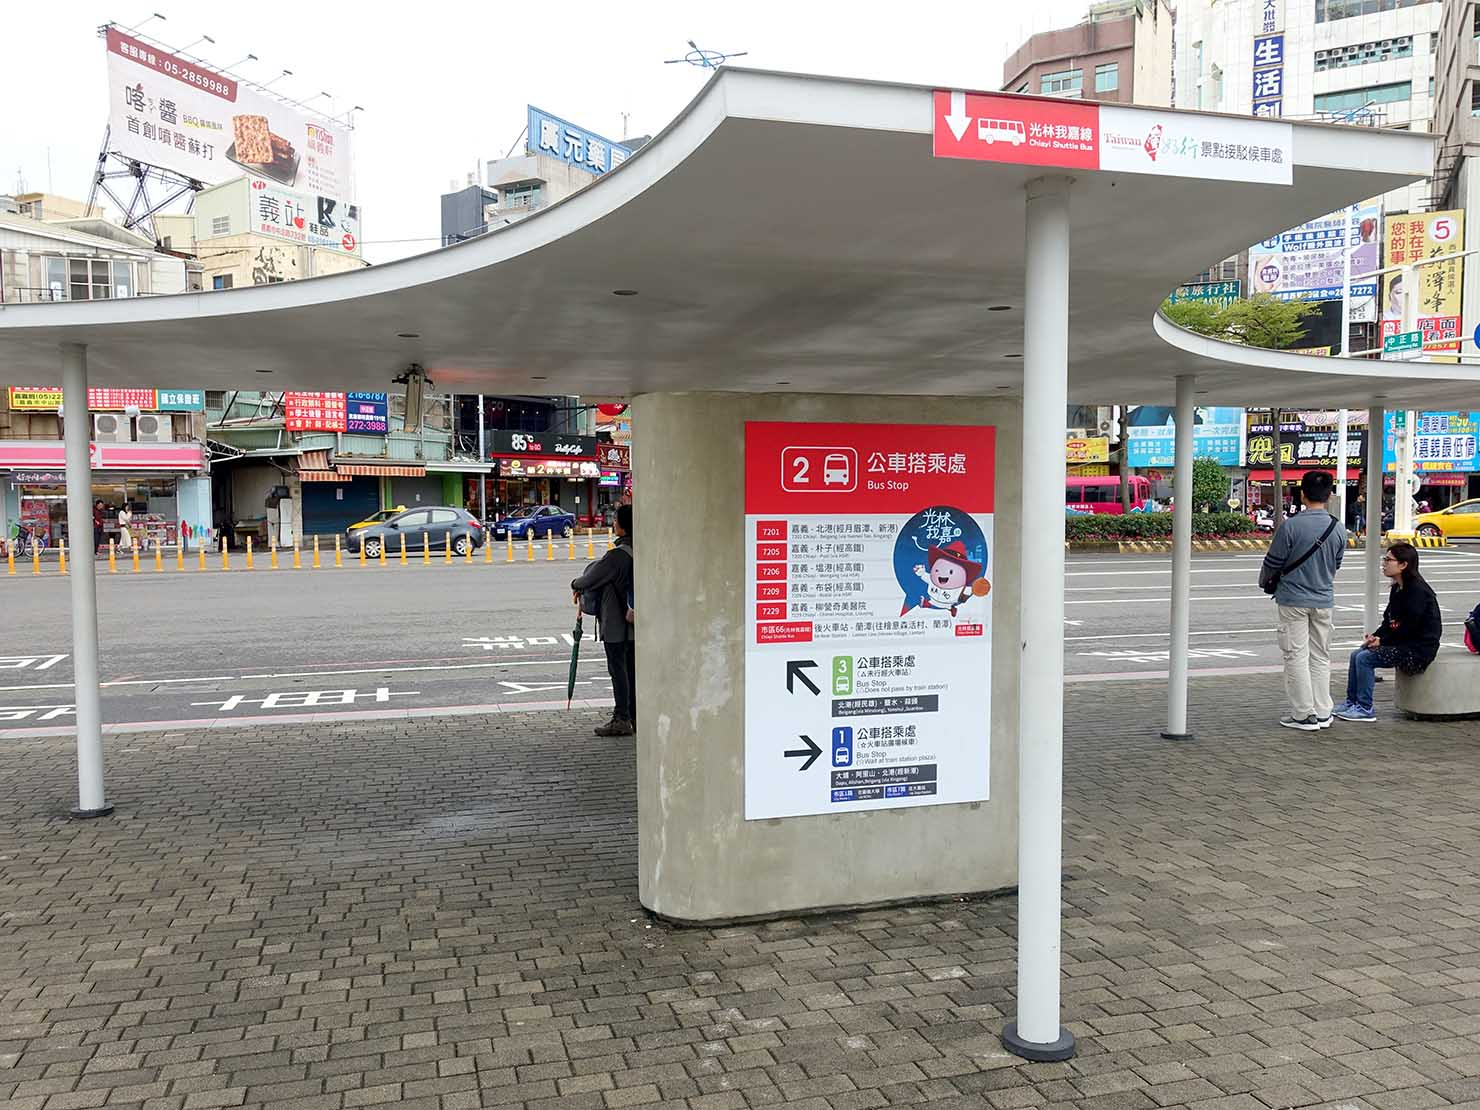 台鐵(台湾鉄道)嘉義駅めのバス乗り場